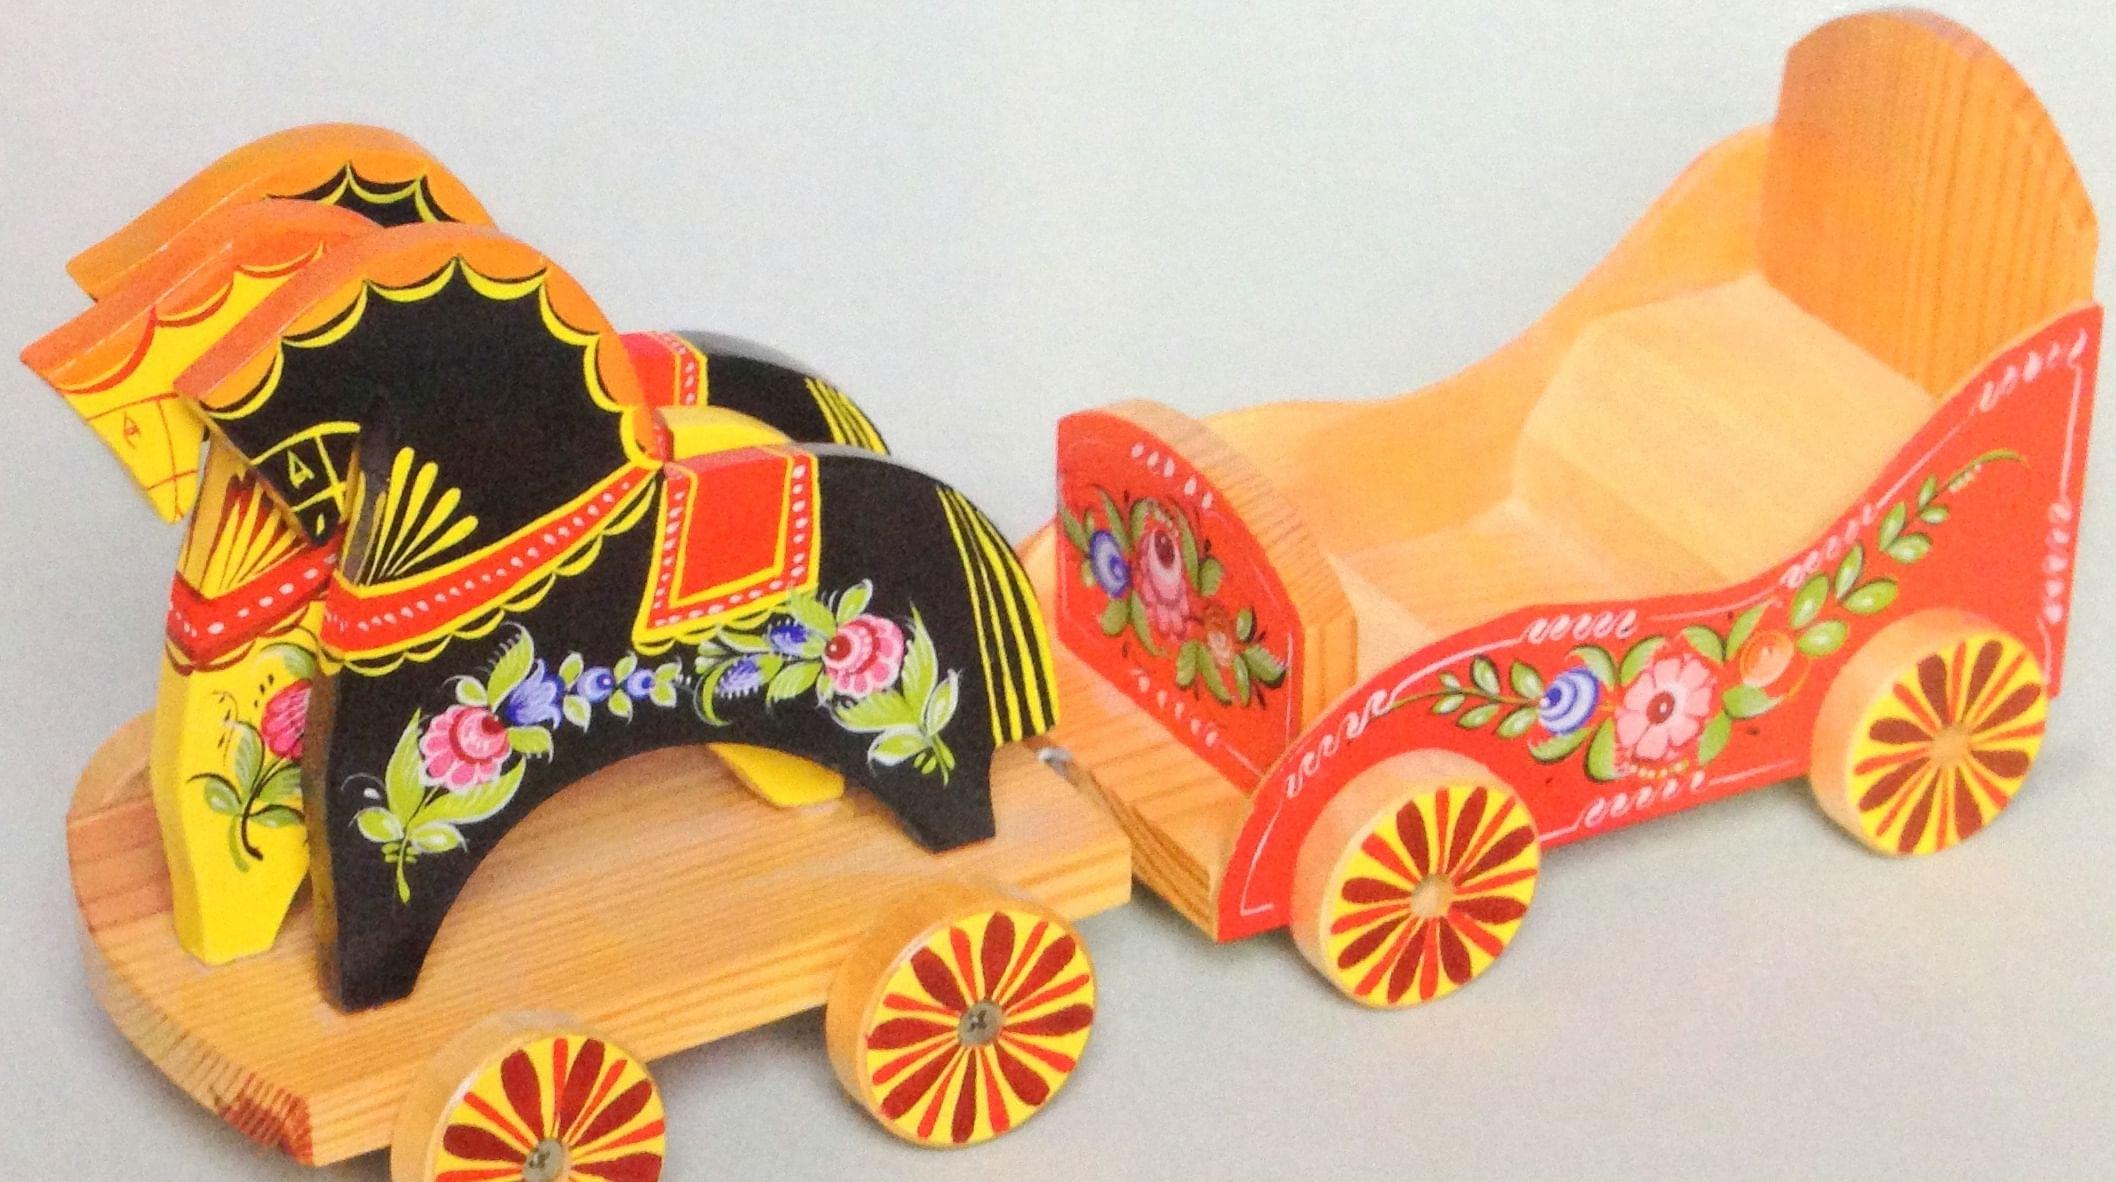 Детская городецкая: история городецкой деревянной игрушки